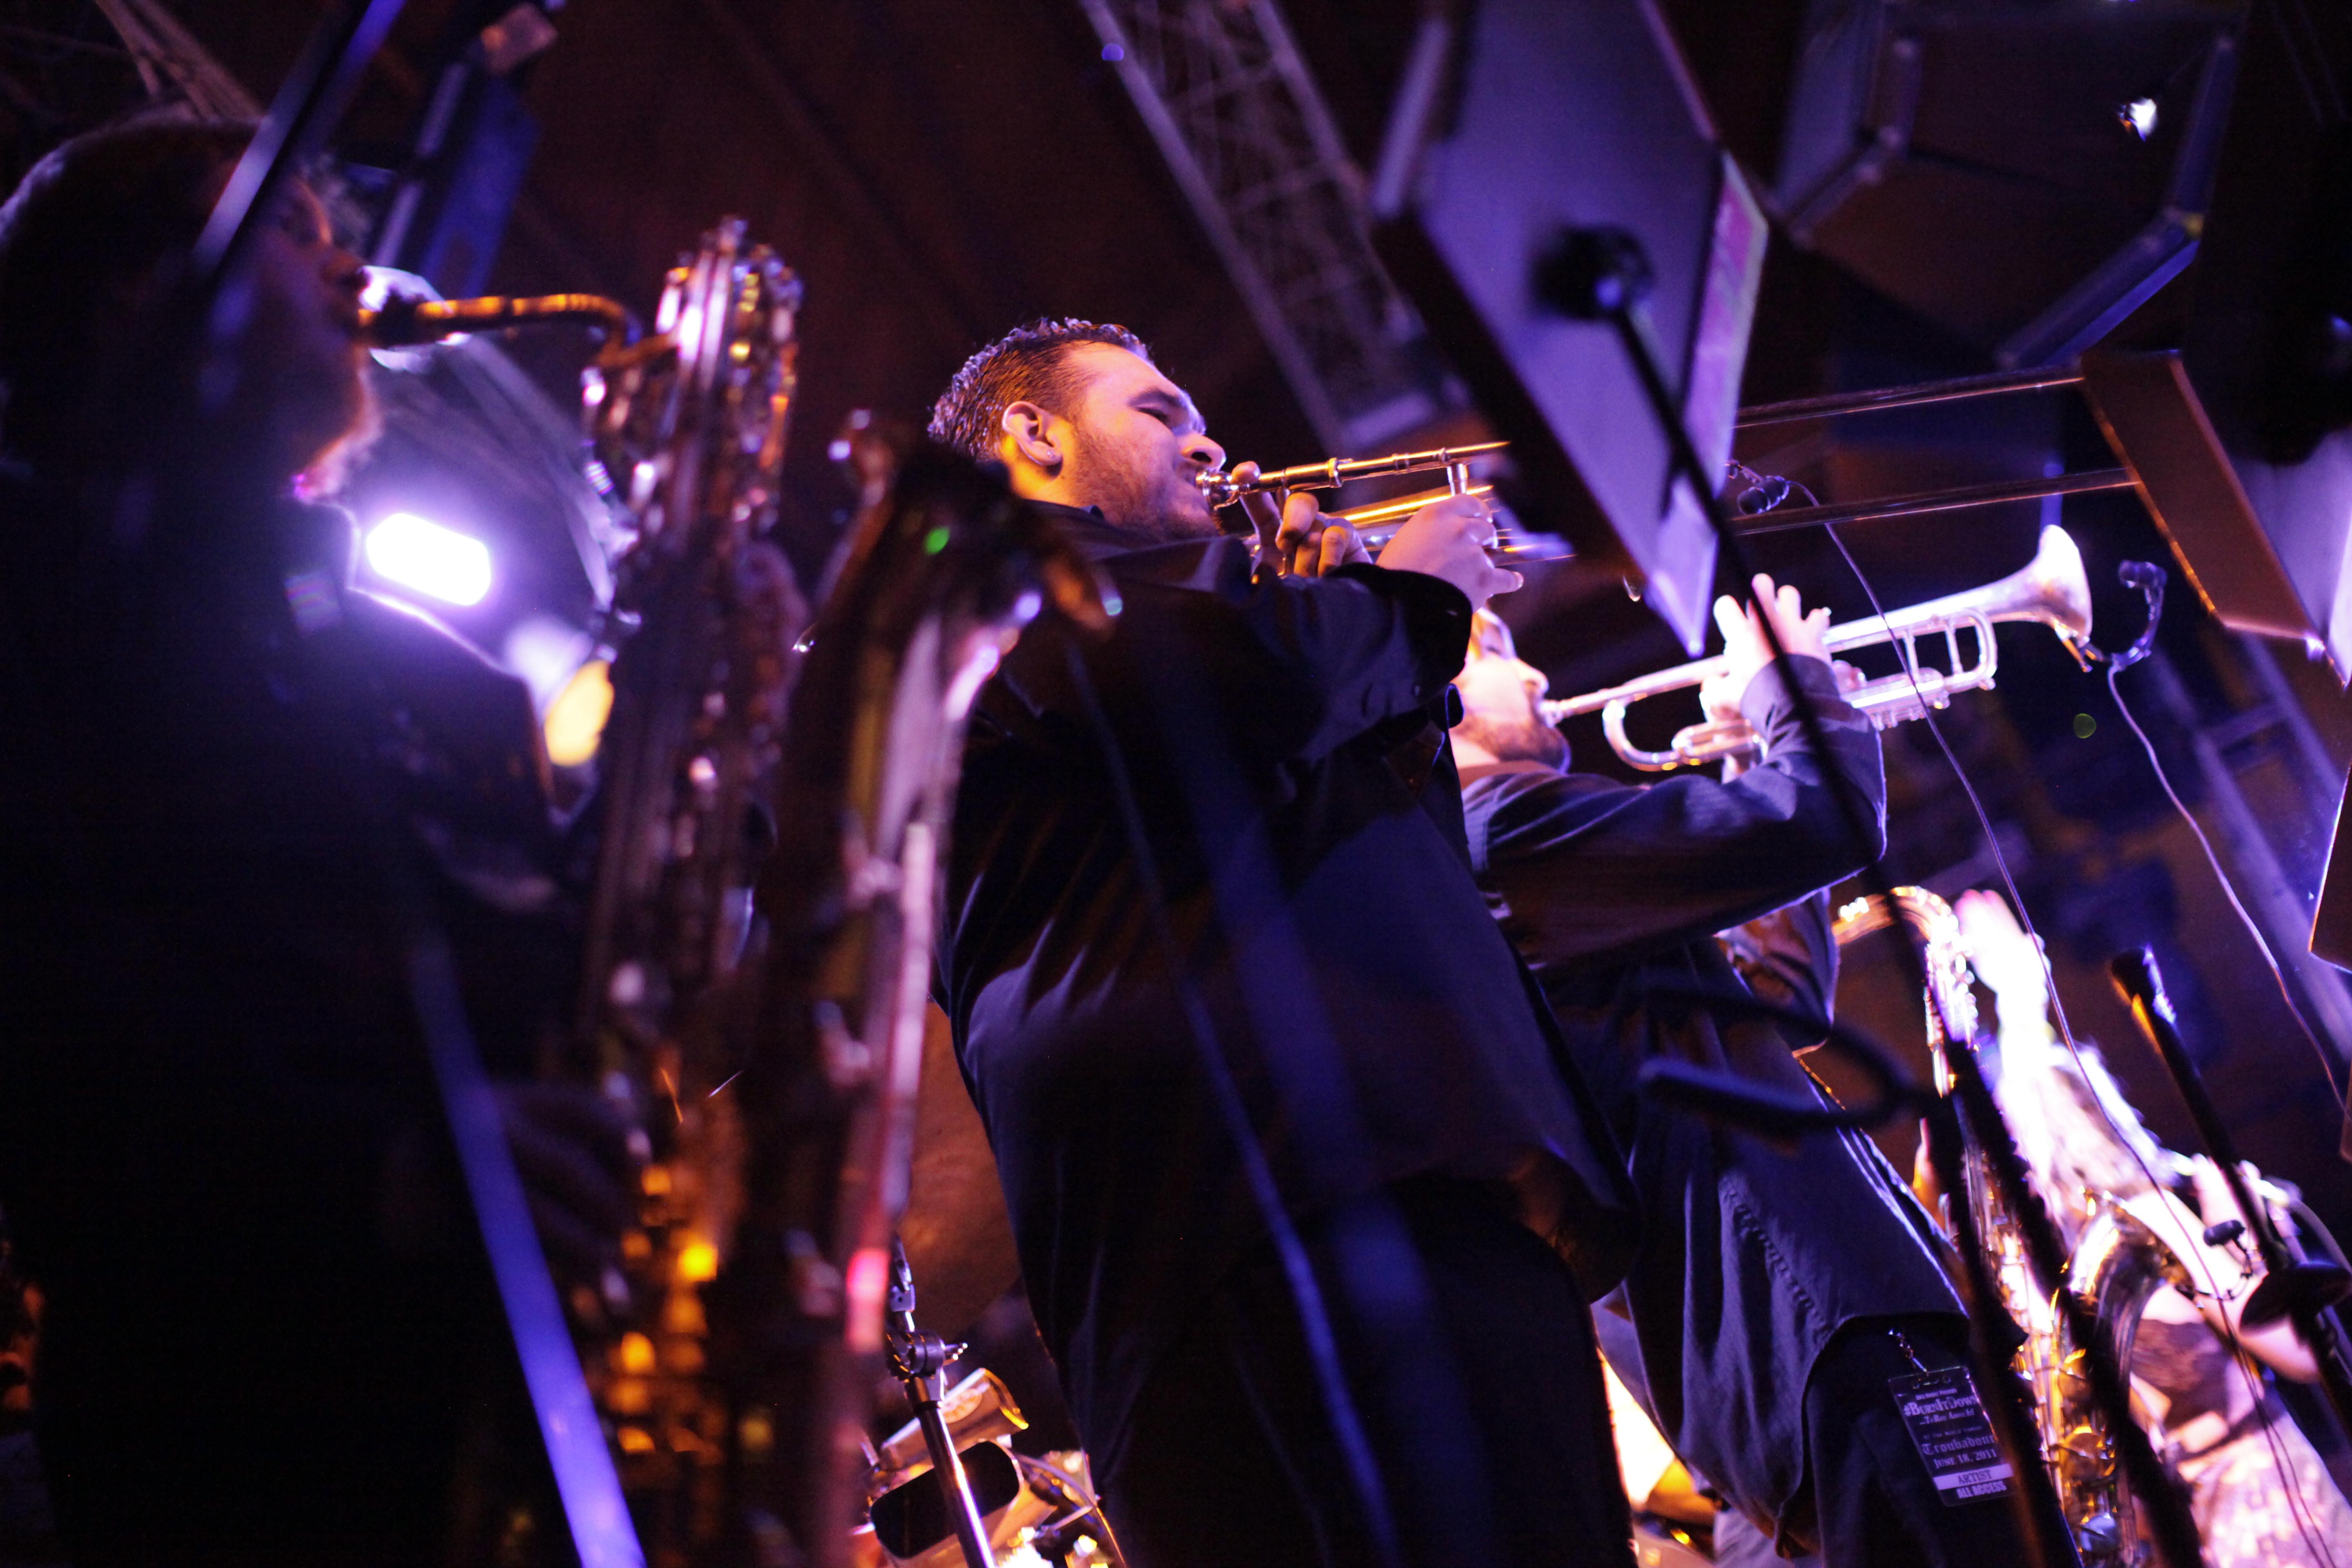 Ian Anderson & Pedro Ramirez